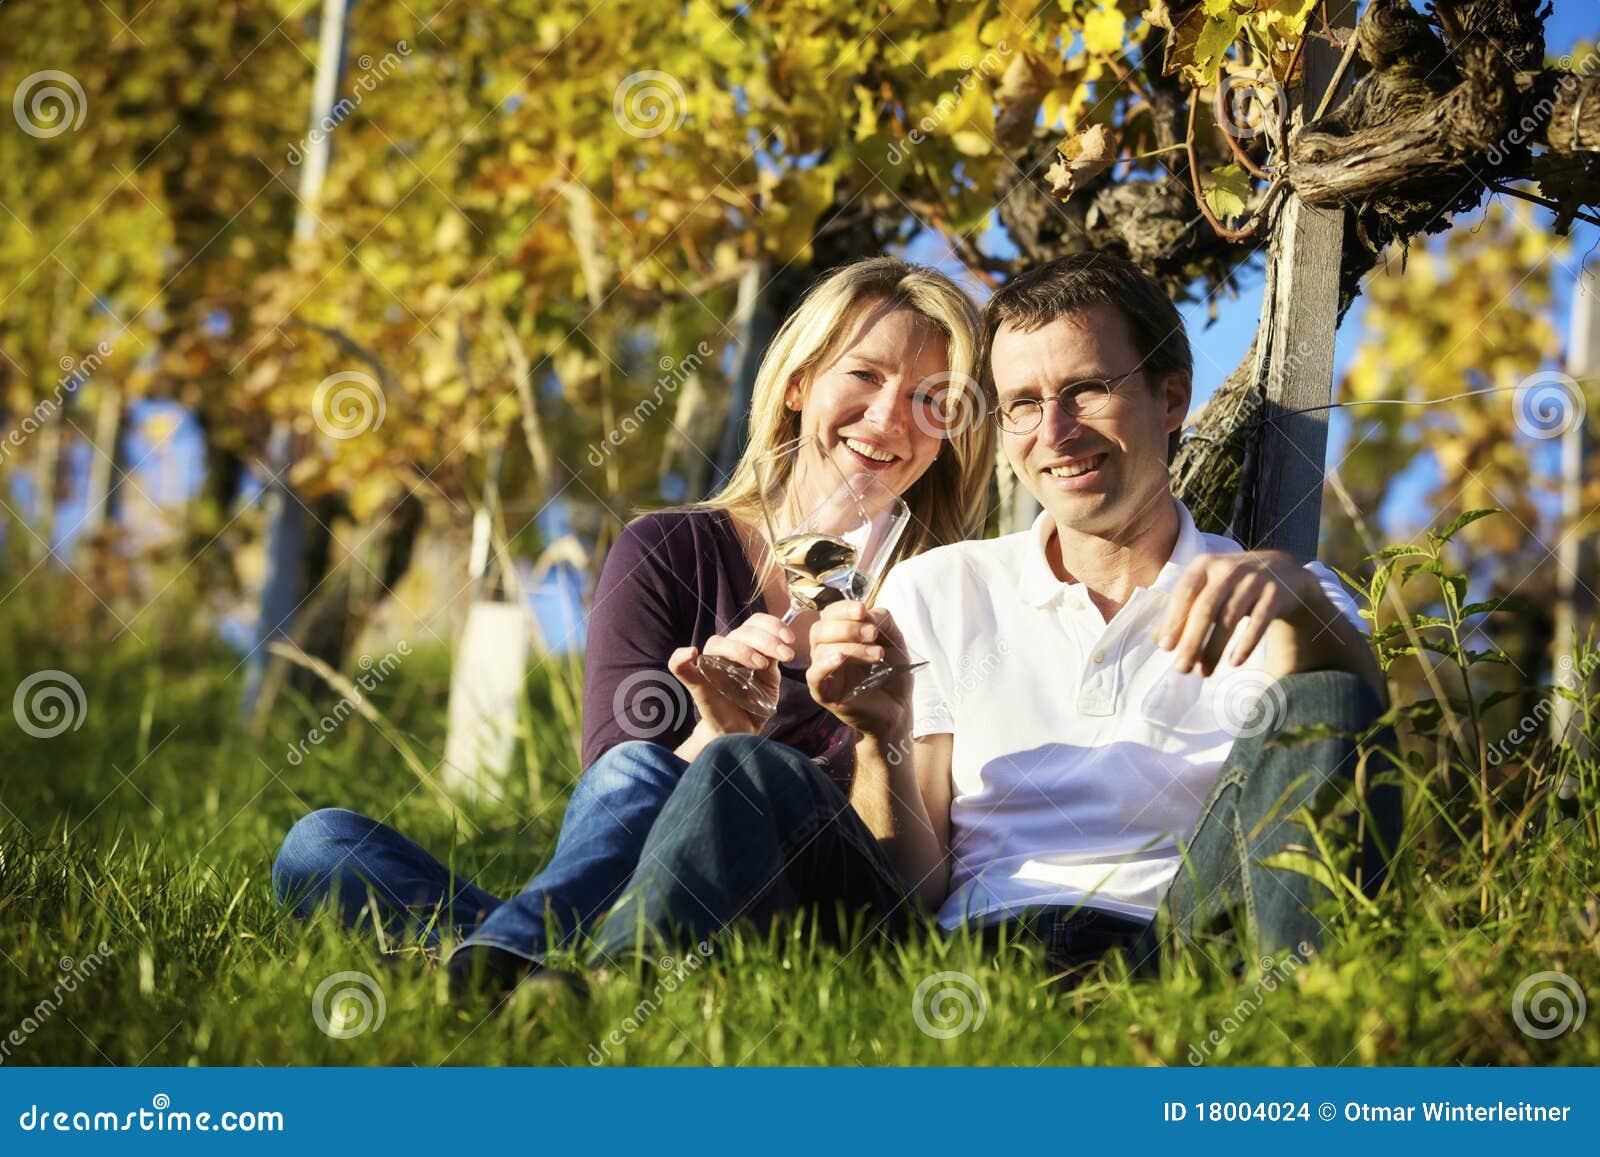 享用葡萄园酒的夫妇